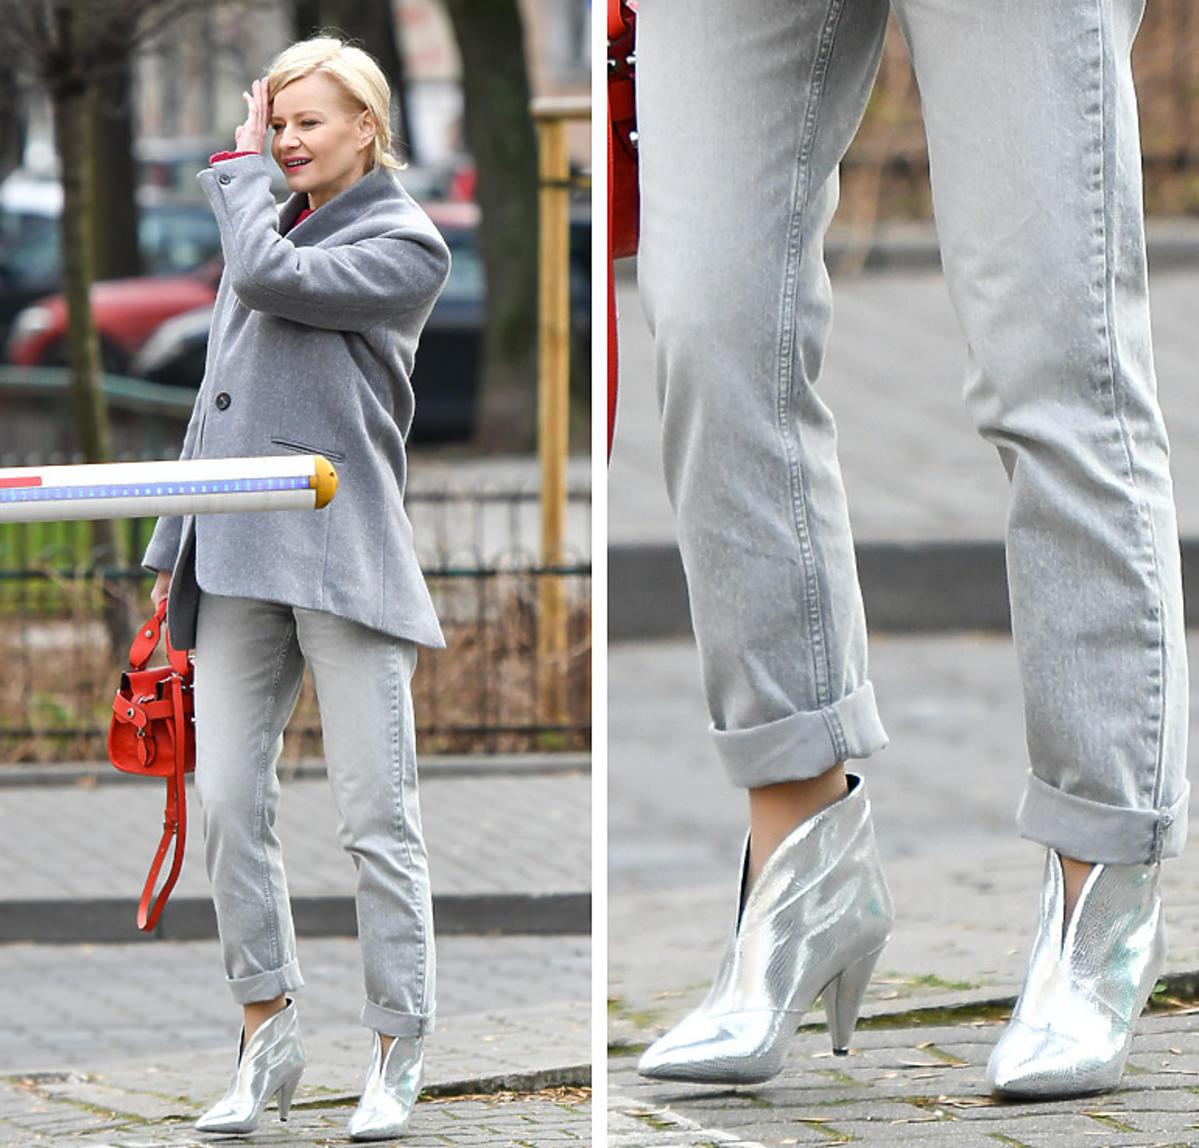 Małgorzata Kożuchowska w srebrnych botkach